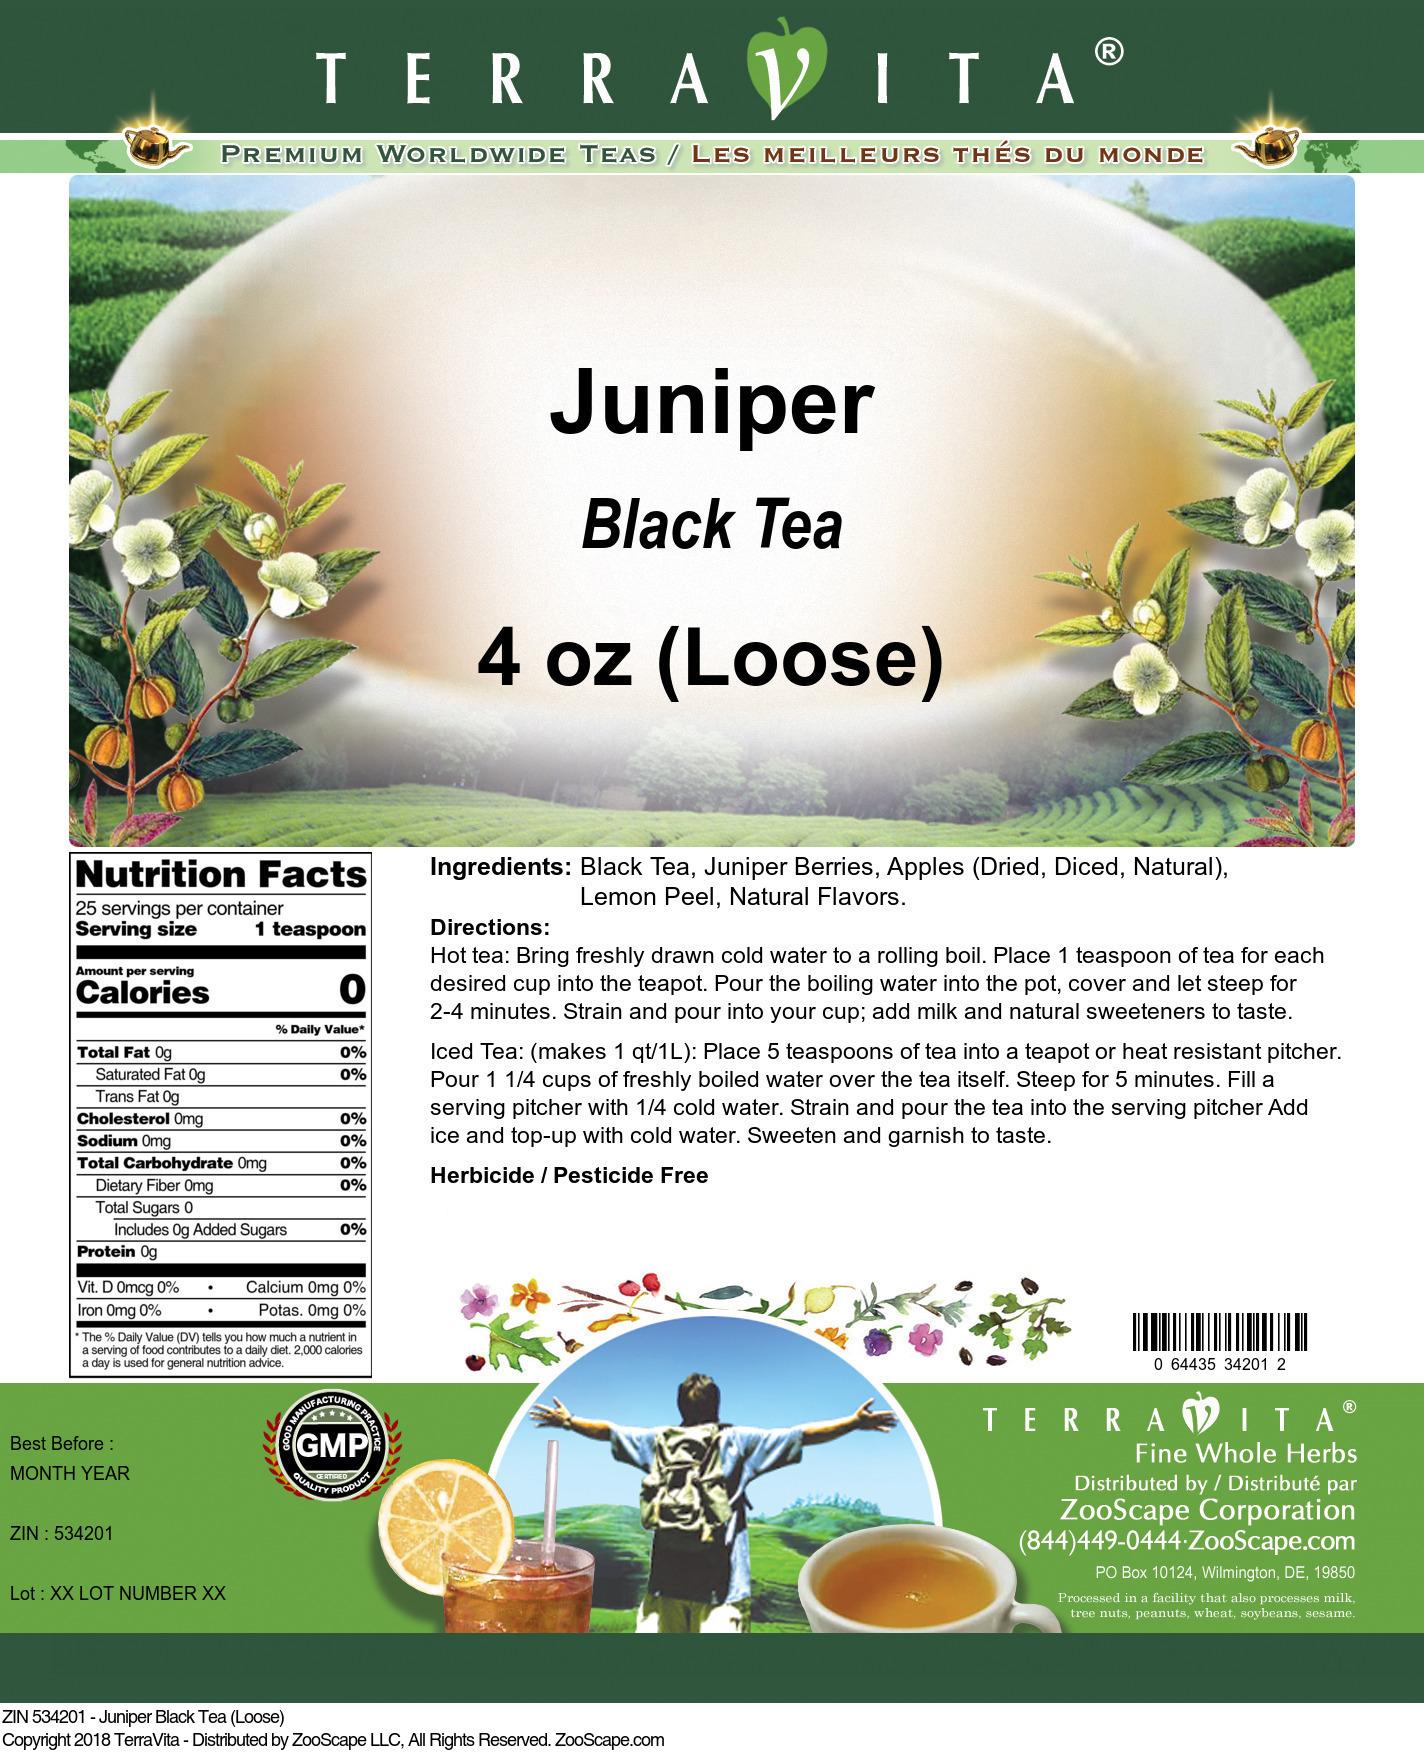 Juniper Black Tea (Loose)